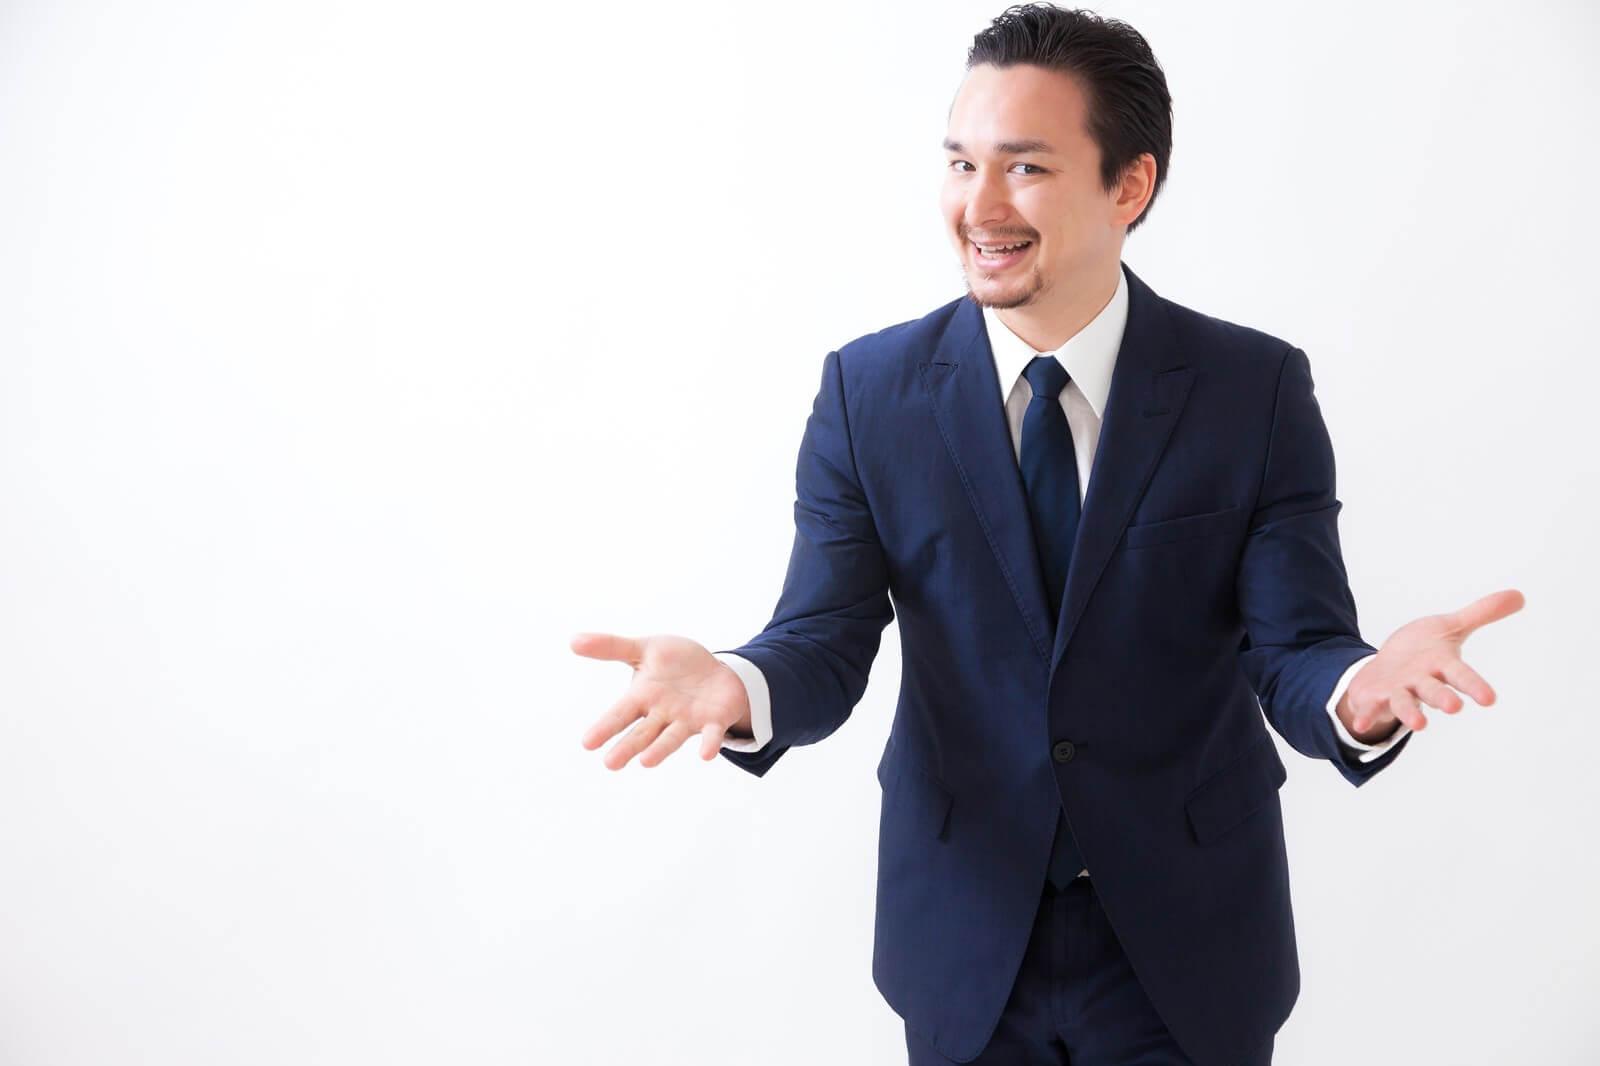 格安スマホ「エックスモバイル」の事業説明をする男性